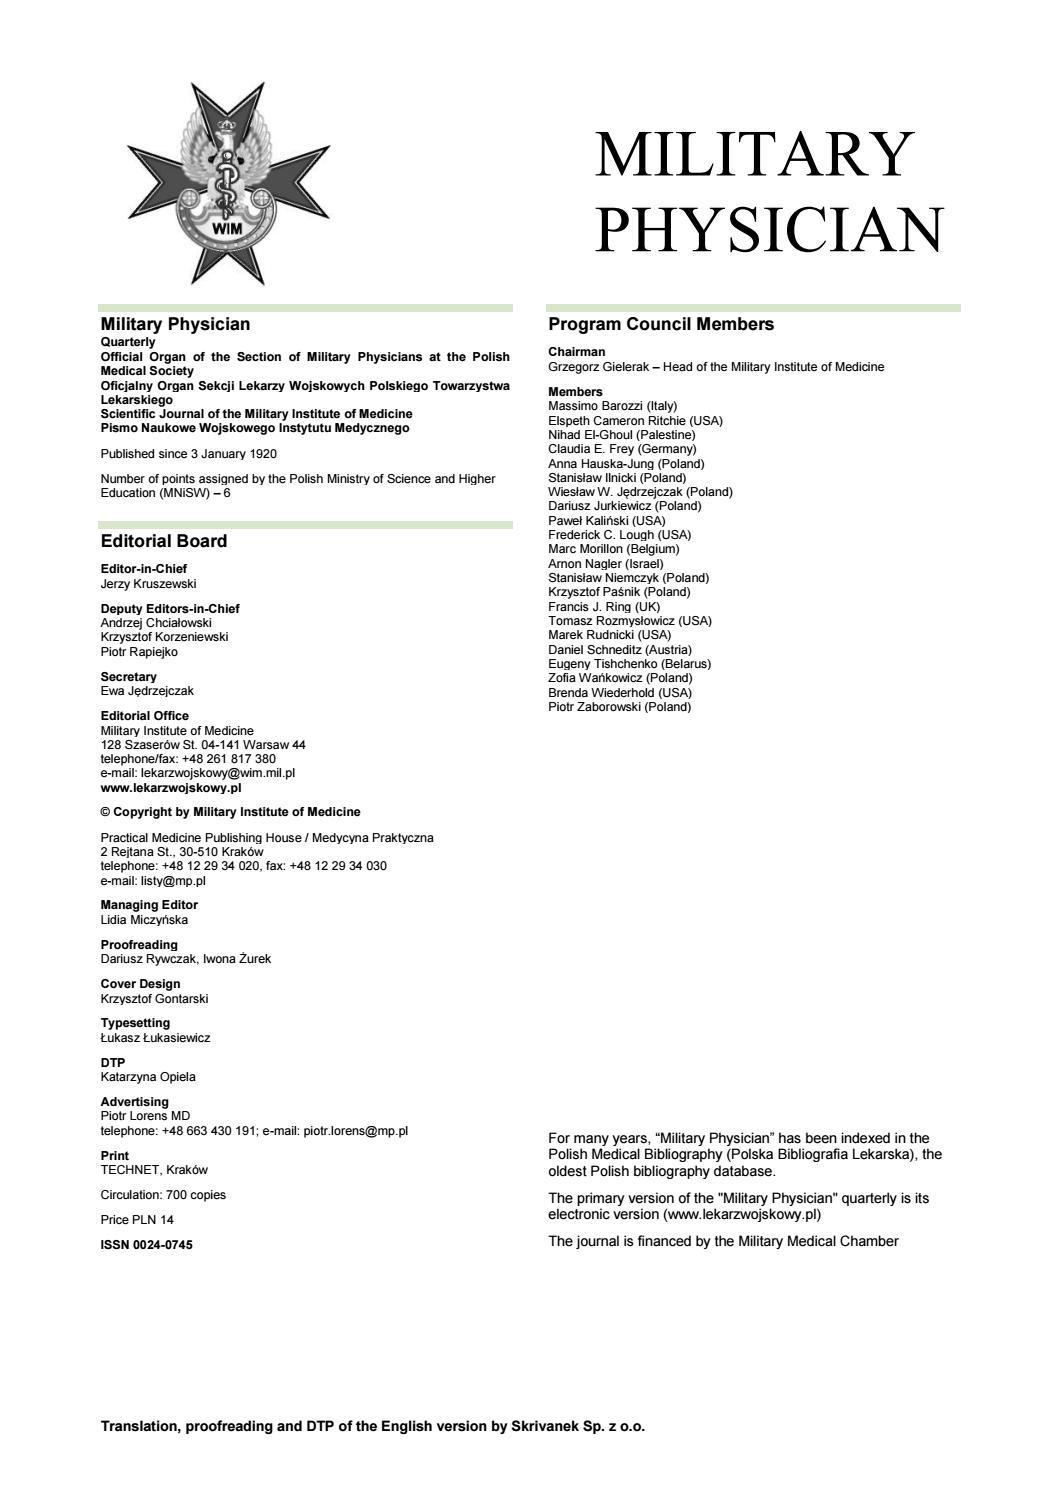 Lekarz Wojskowy 1 2018 Eng Ver By Medycyna Praktyczna Issuu